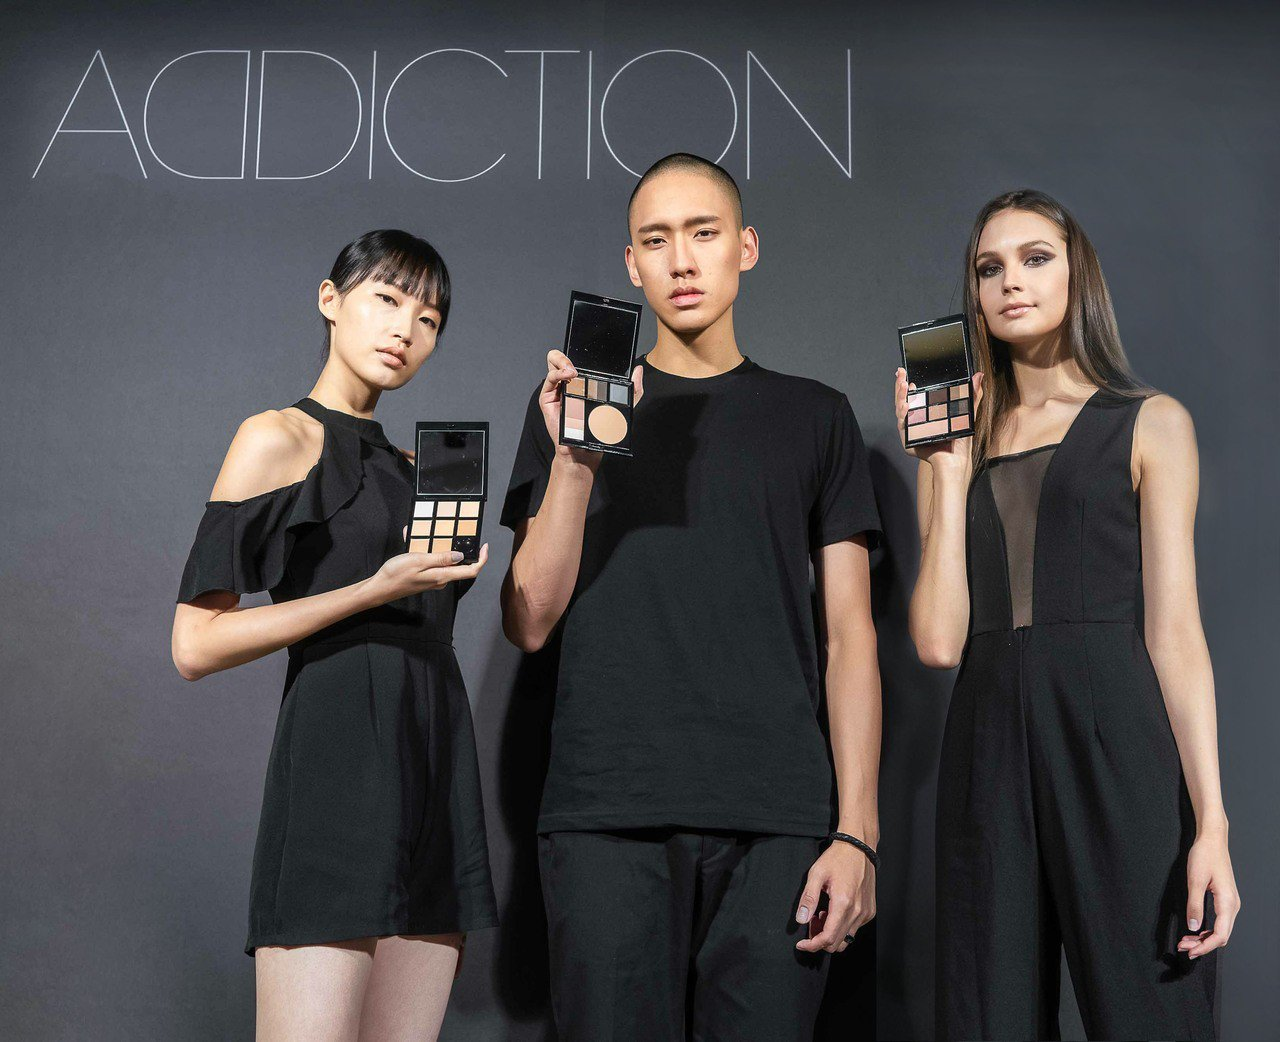 ADDICTION新彩盤,讓男人女人都能使用。圖/ADDICTION提供